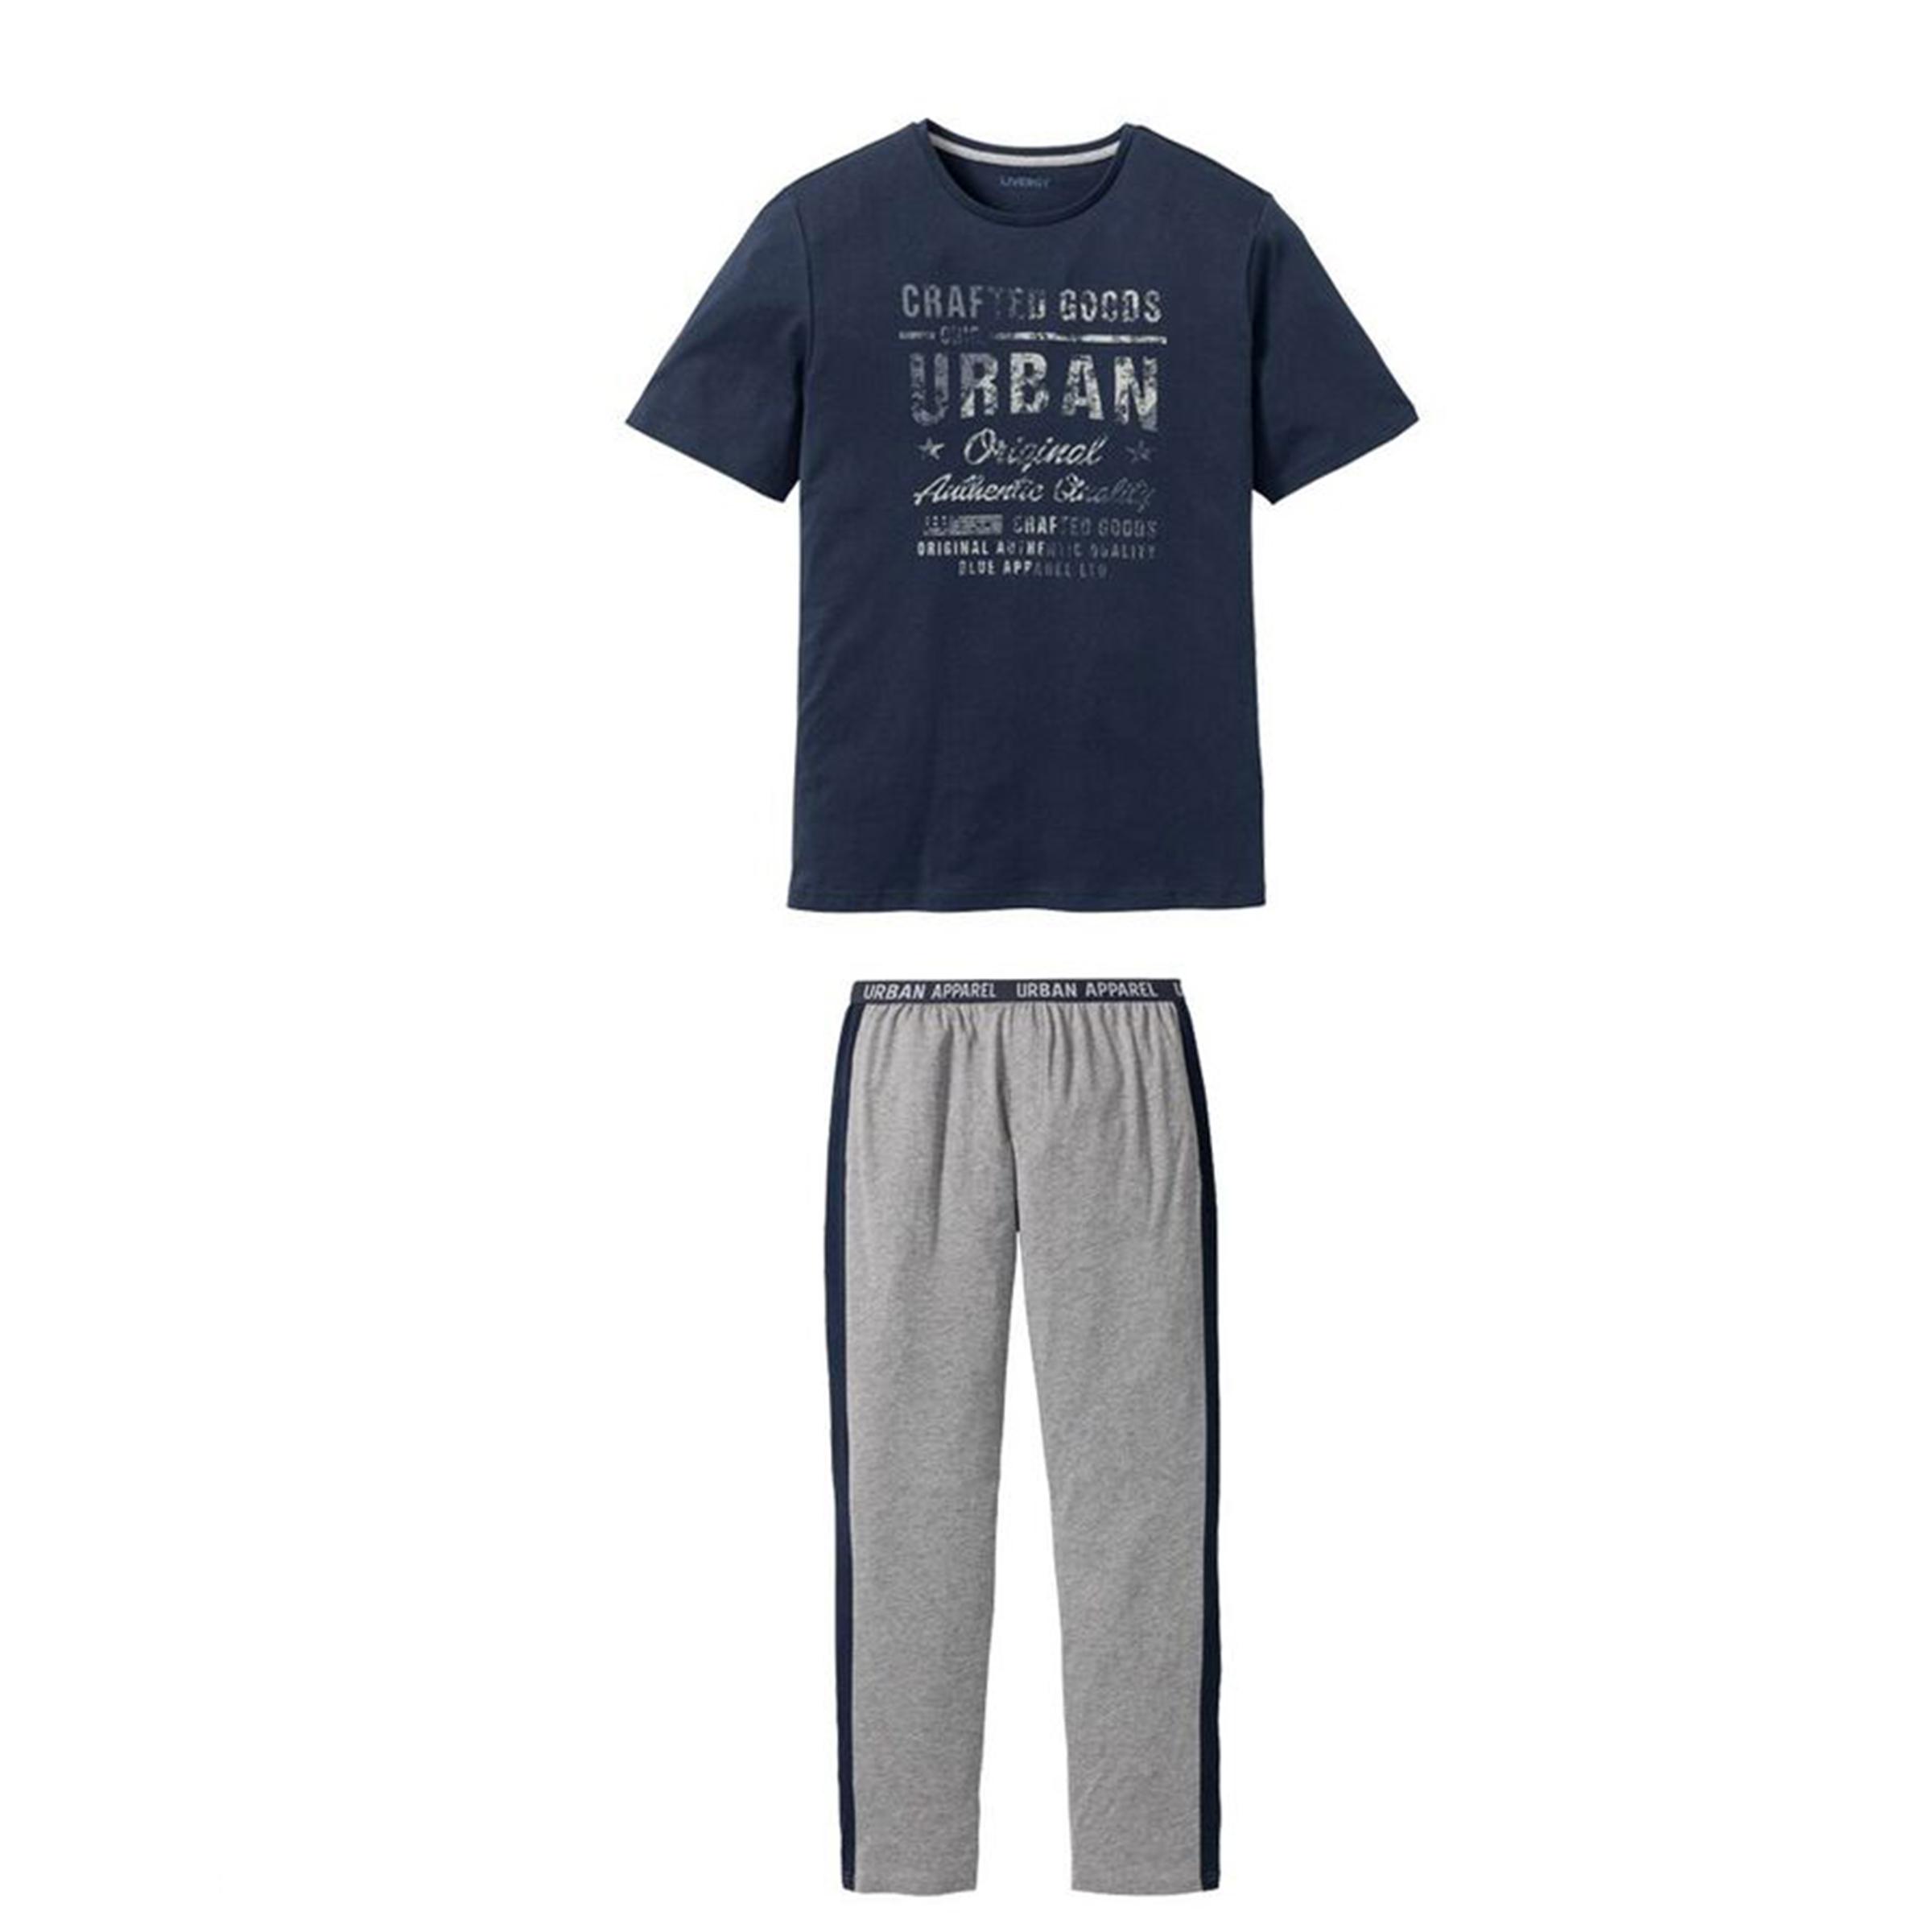 ست تی شرت و شلوار مردانه لیورجی مدل 3446732 رنگ سرمه ای